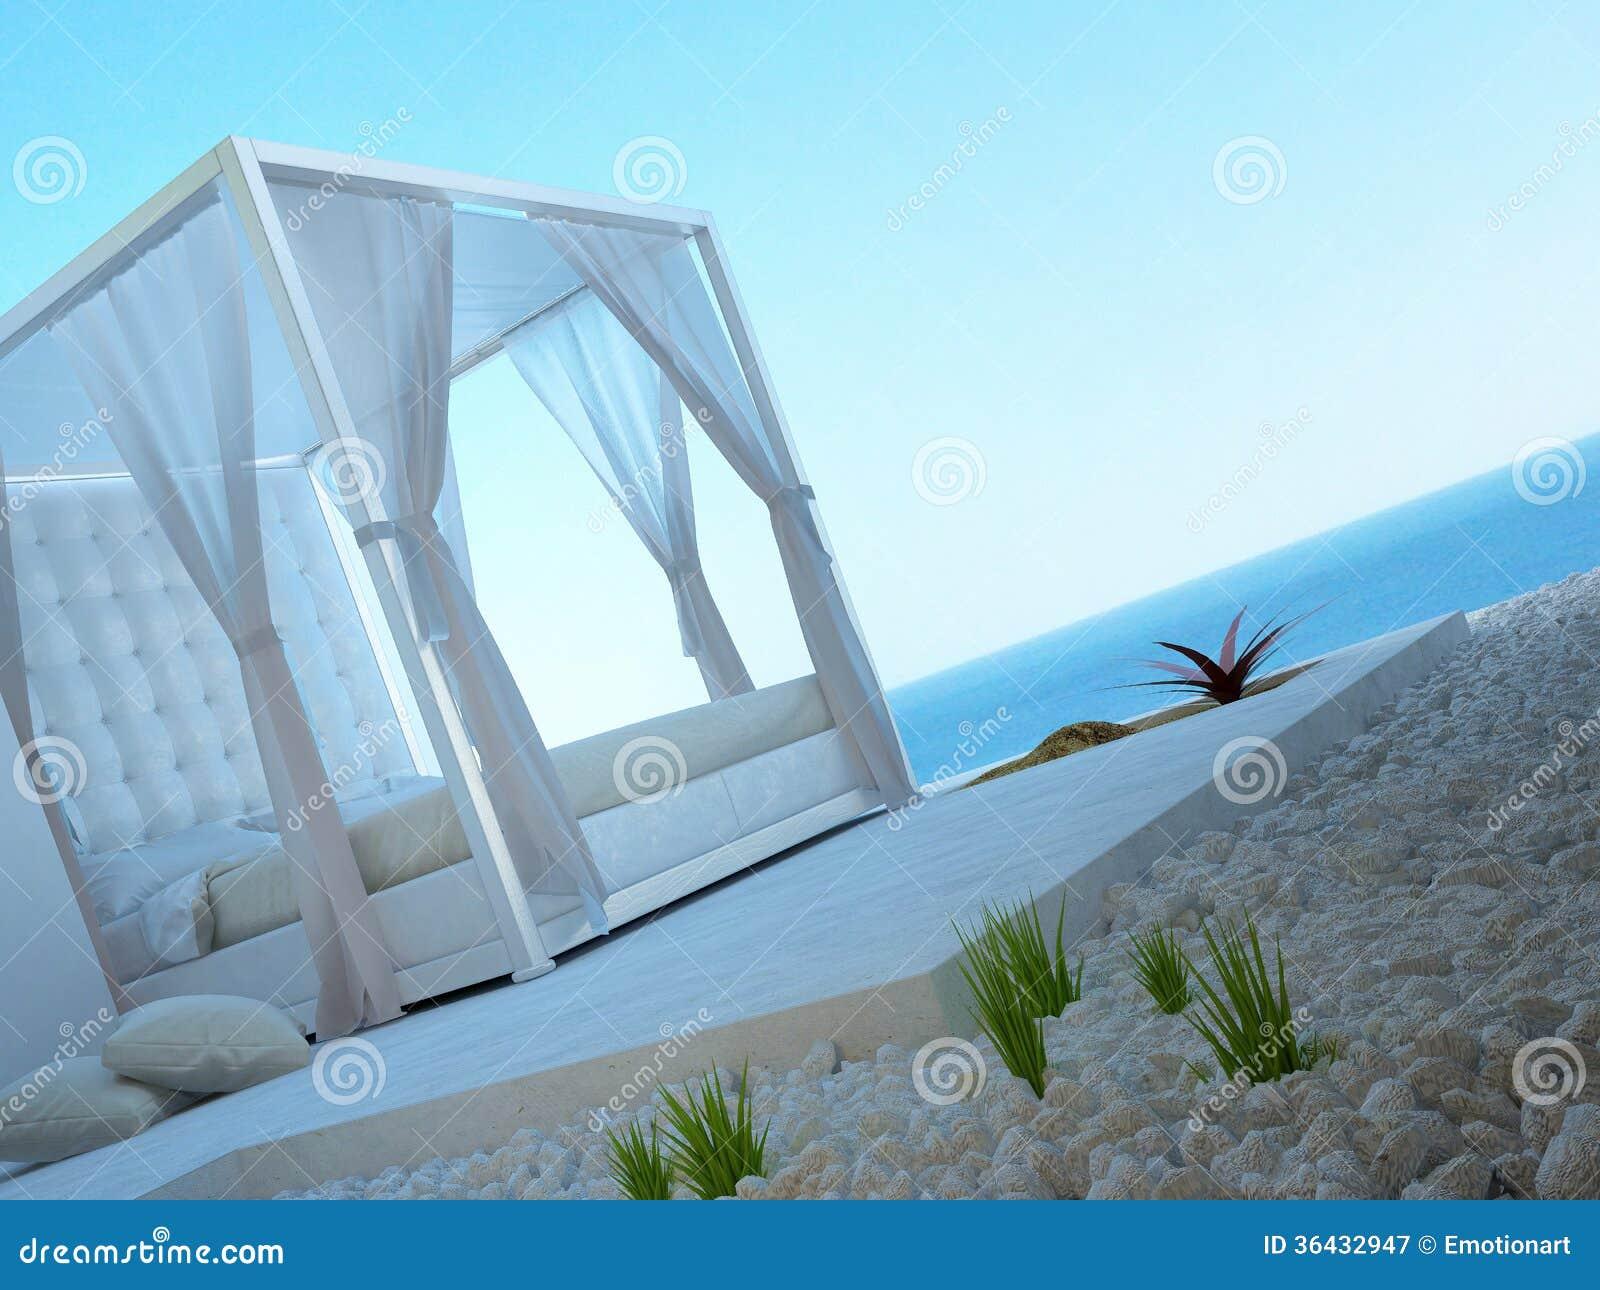 himmelssäng barn ~ stående det fria för vit himmelssäng med seascapesikt